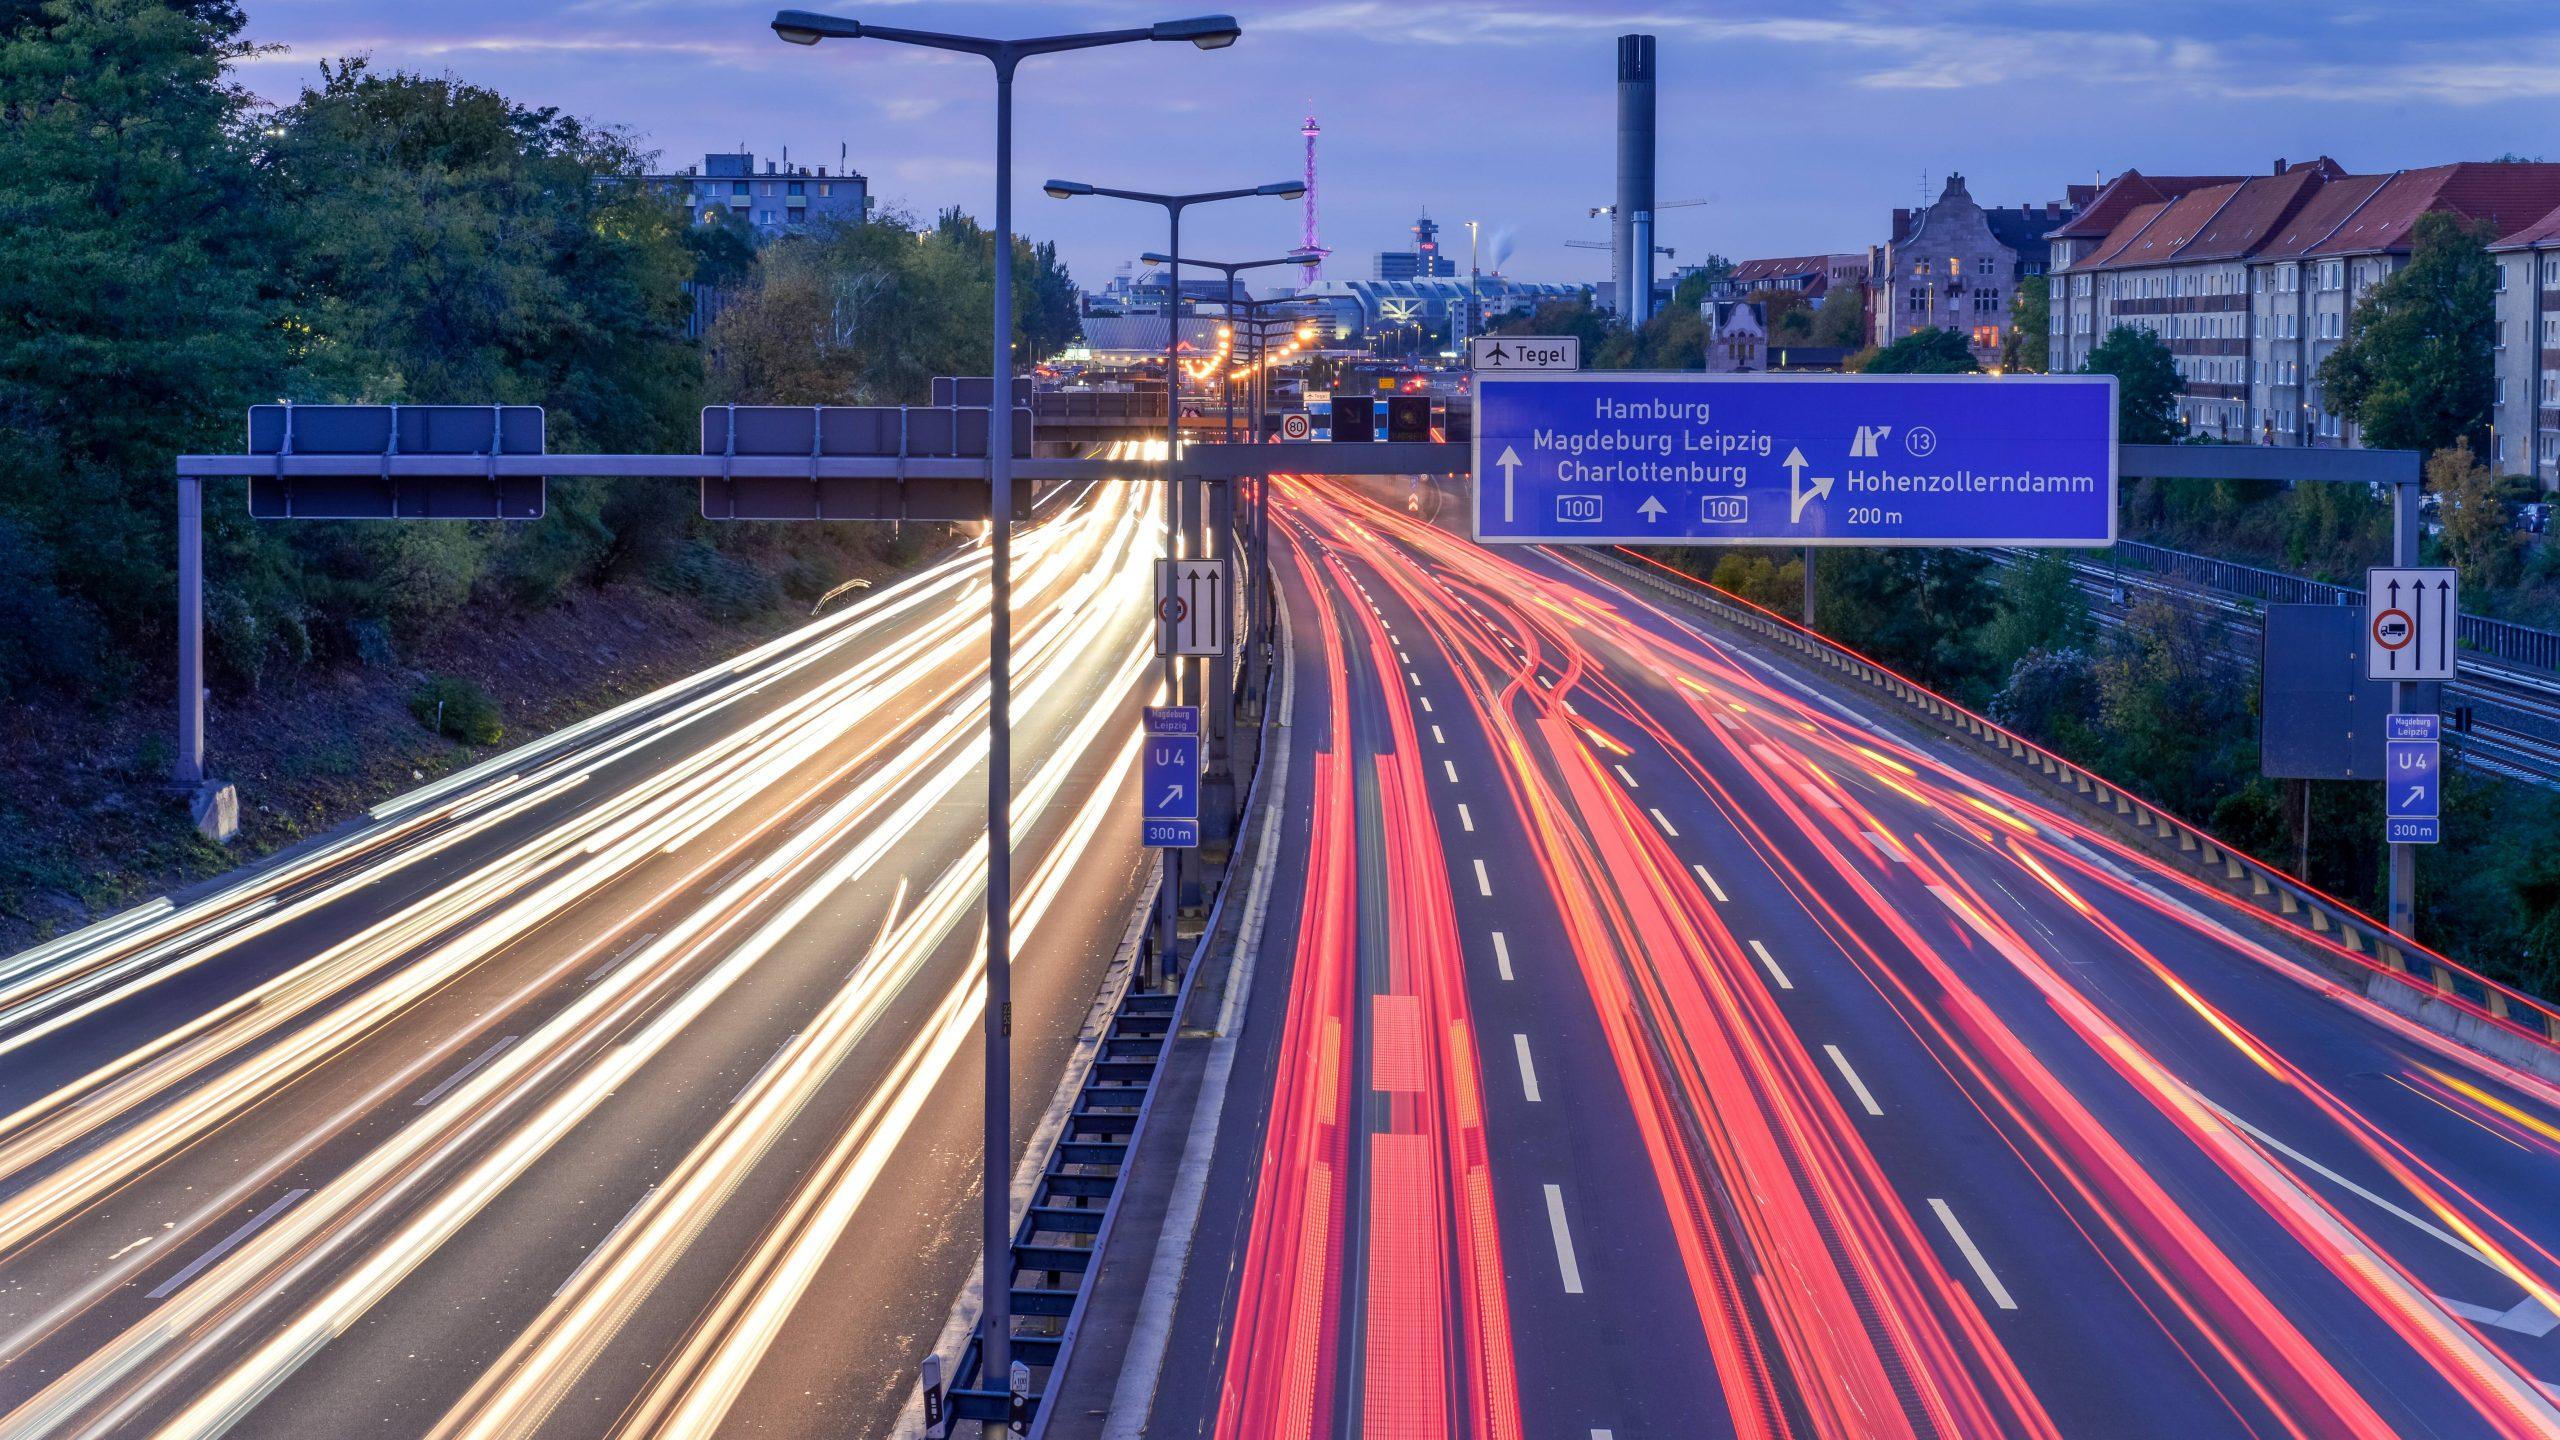 Leben oberhalb der Stadtautobahn